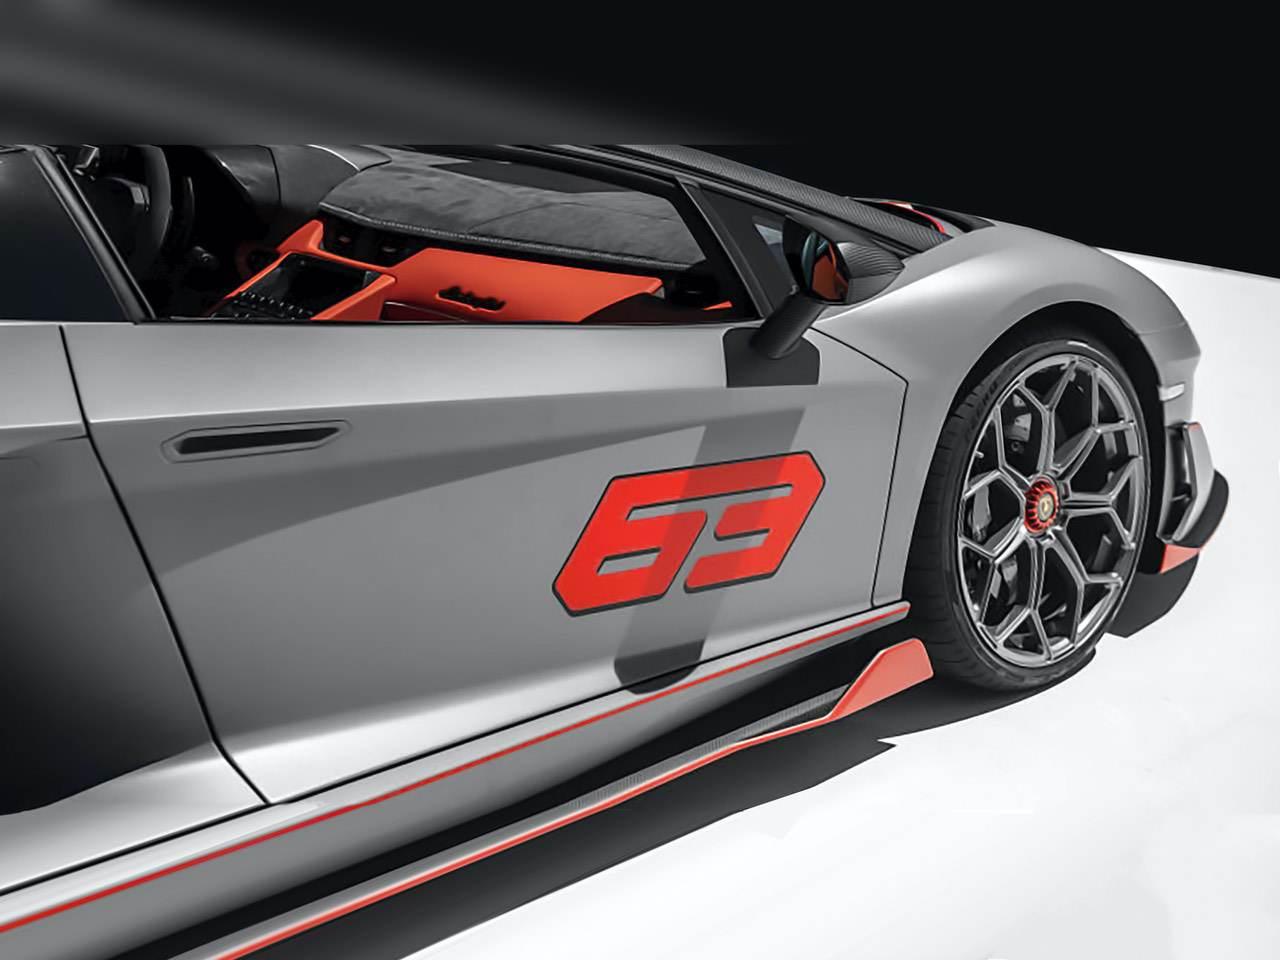 Lamborghini-Aventador-SVJ-Roadster-63-Edition-0